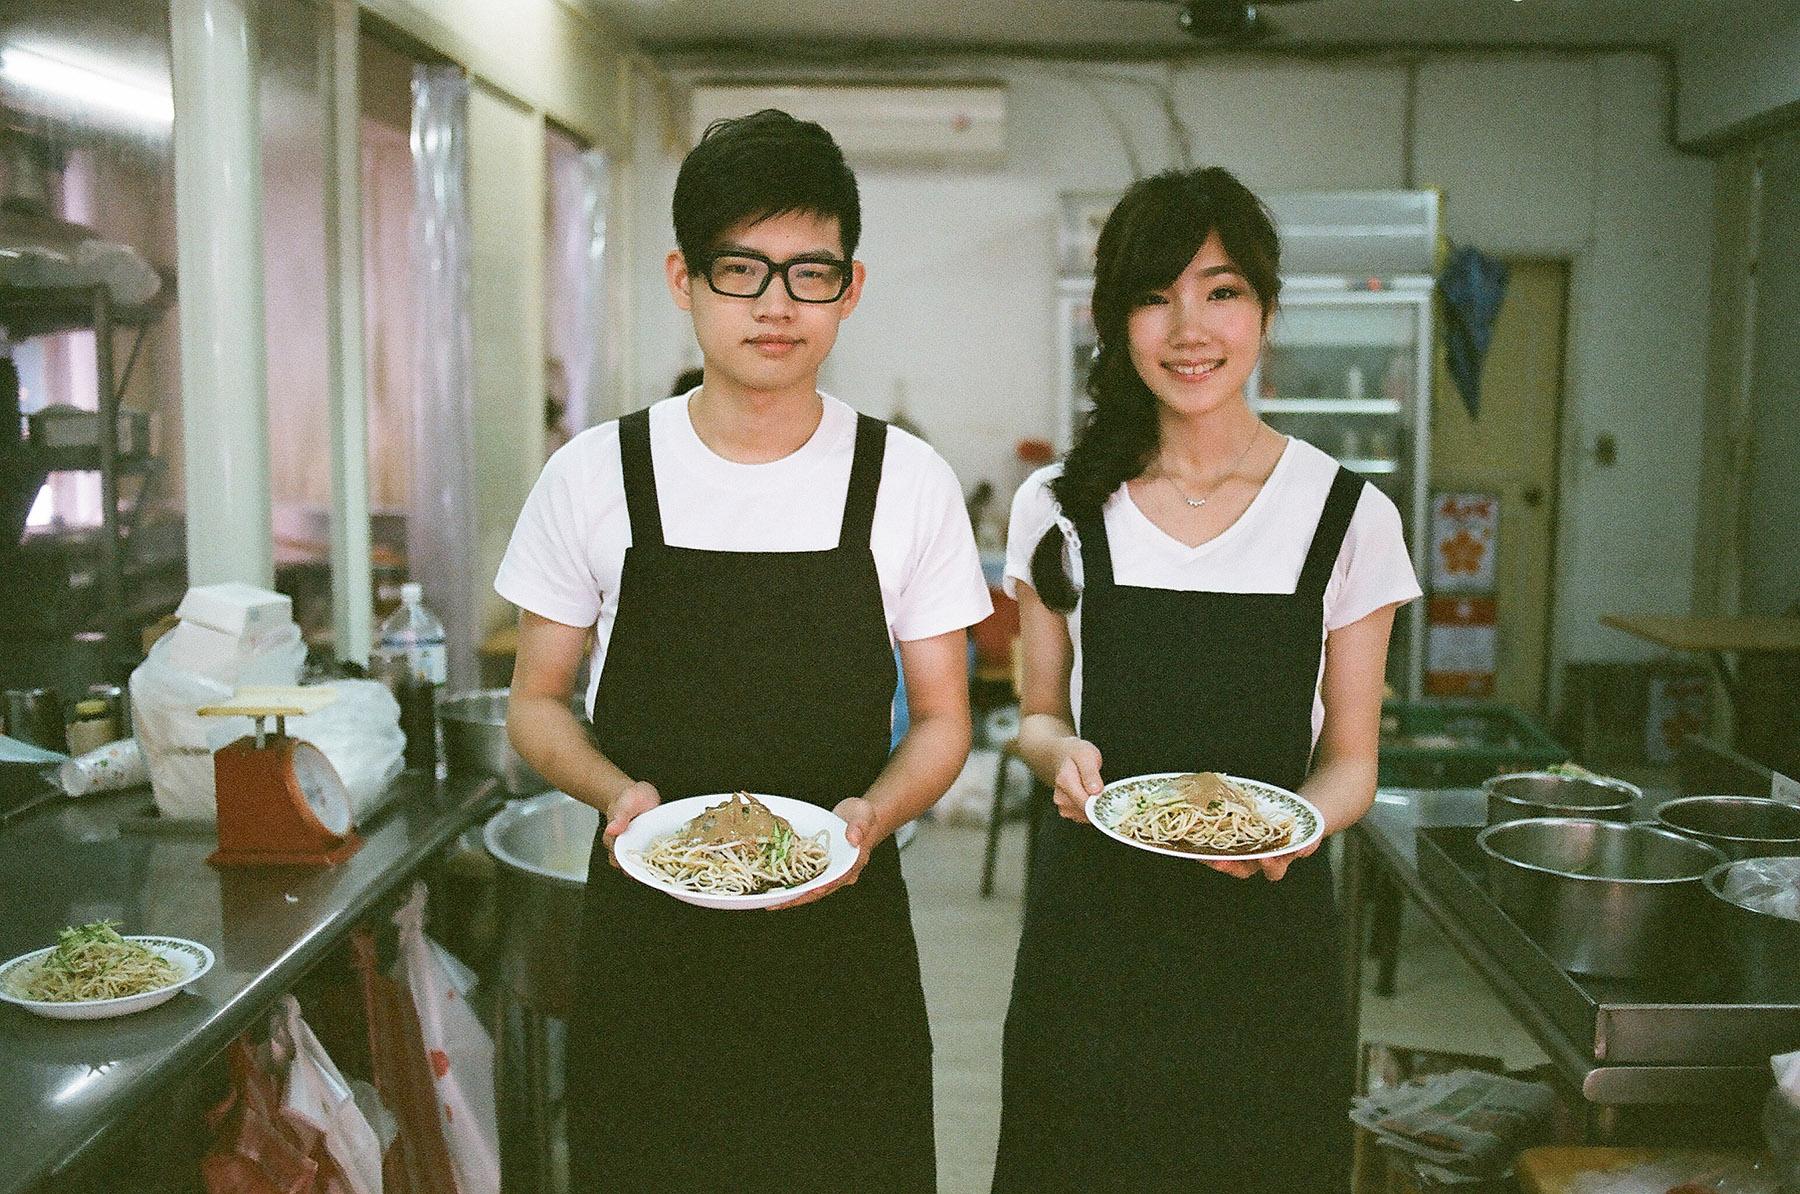 自助婚紗,自然風格,生活風格,居家風格,底片風格,電影風格,台北,婚紗攝影師推薦,任家涼麵,民生社區